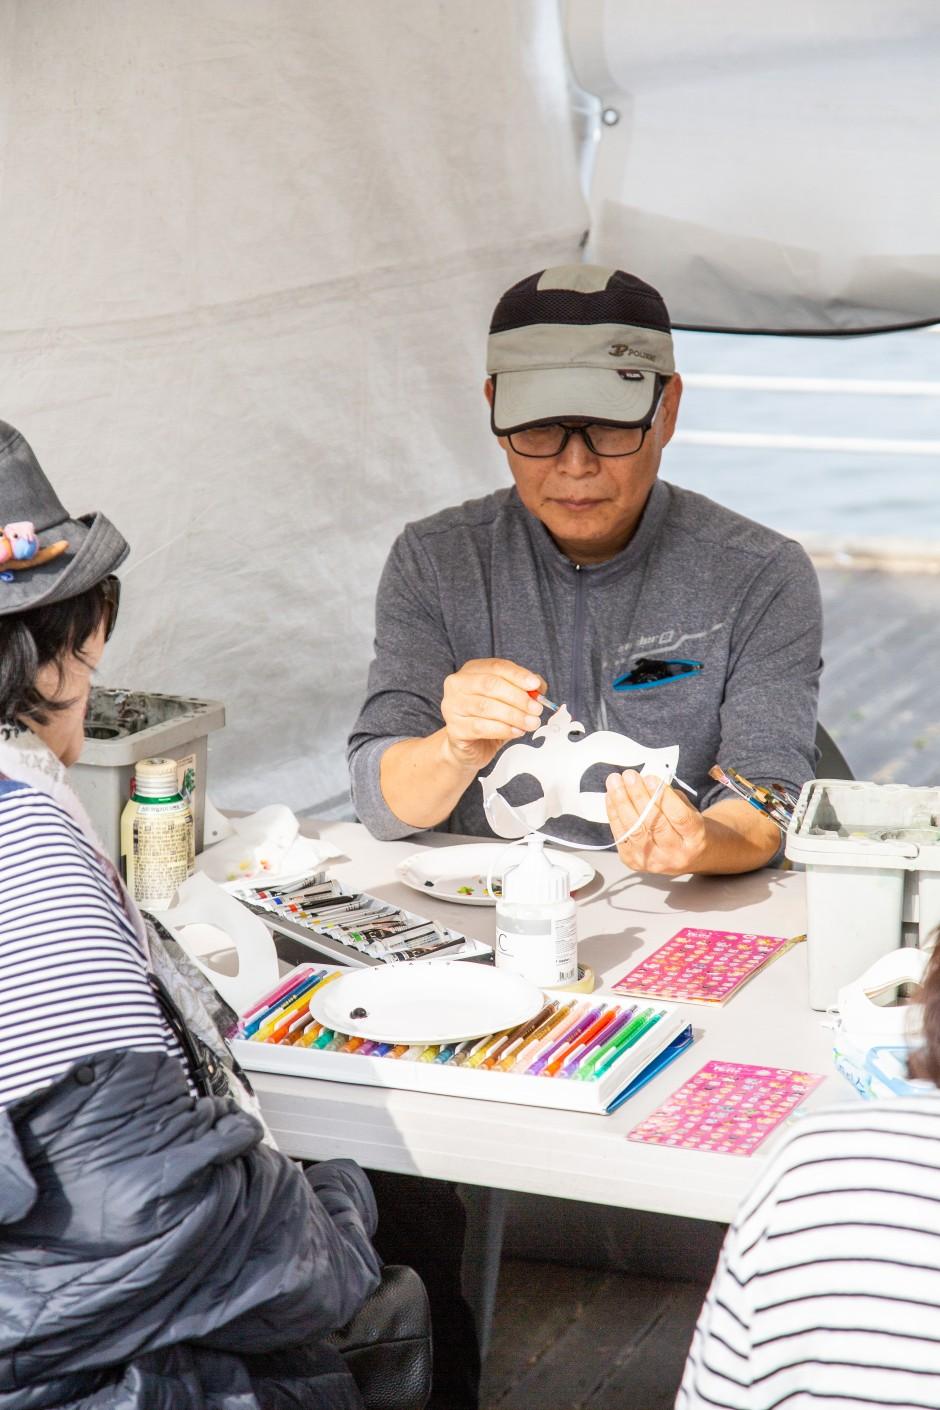 부스안에서 마스크에 색칠하고있는사진